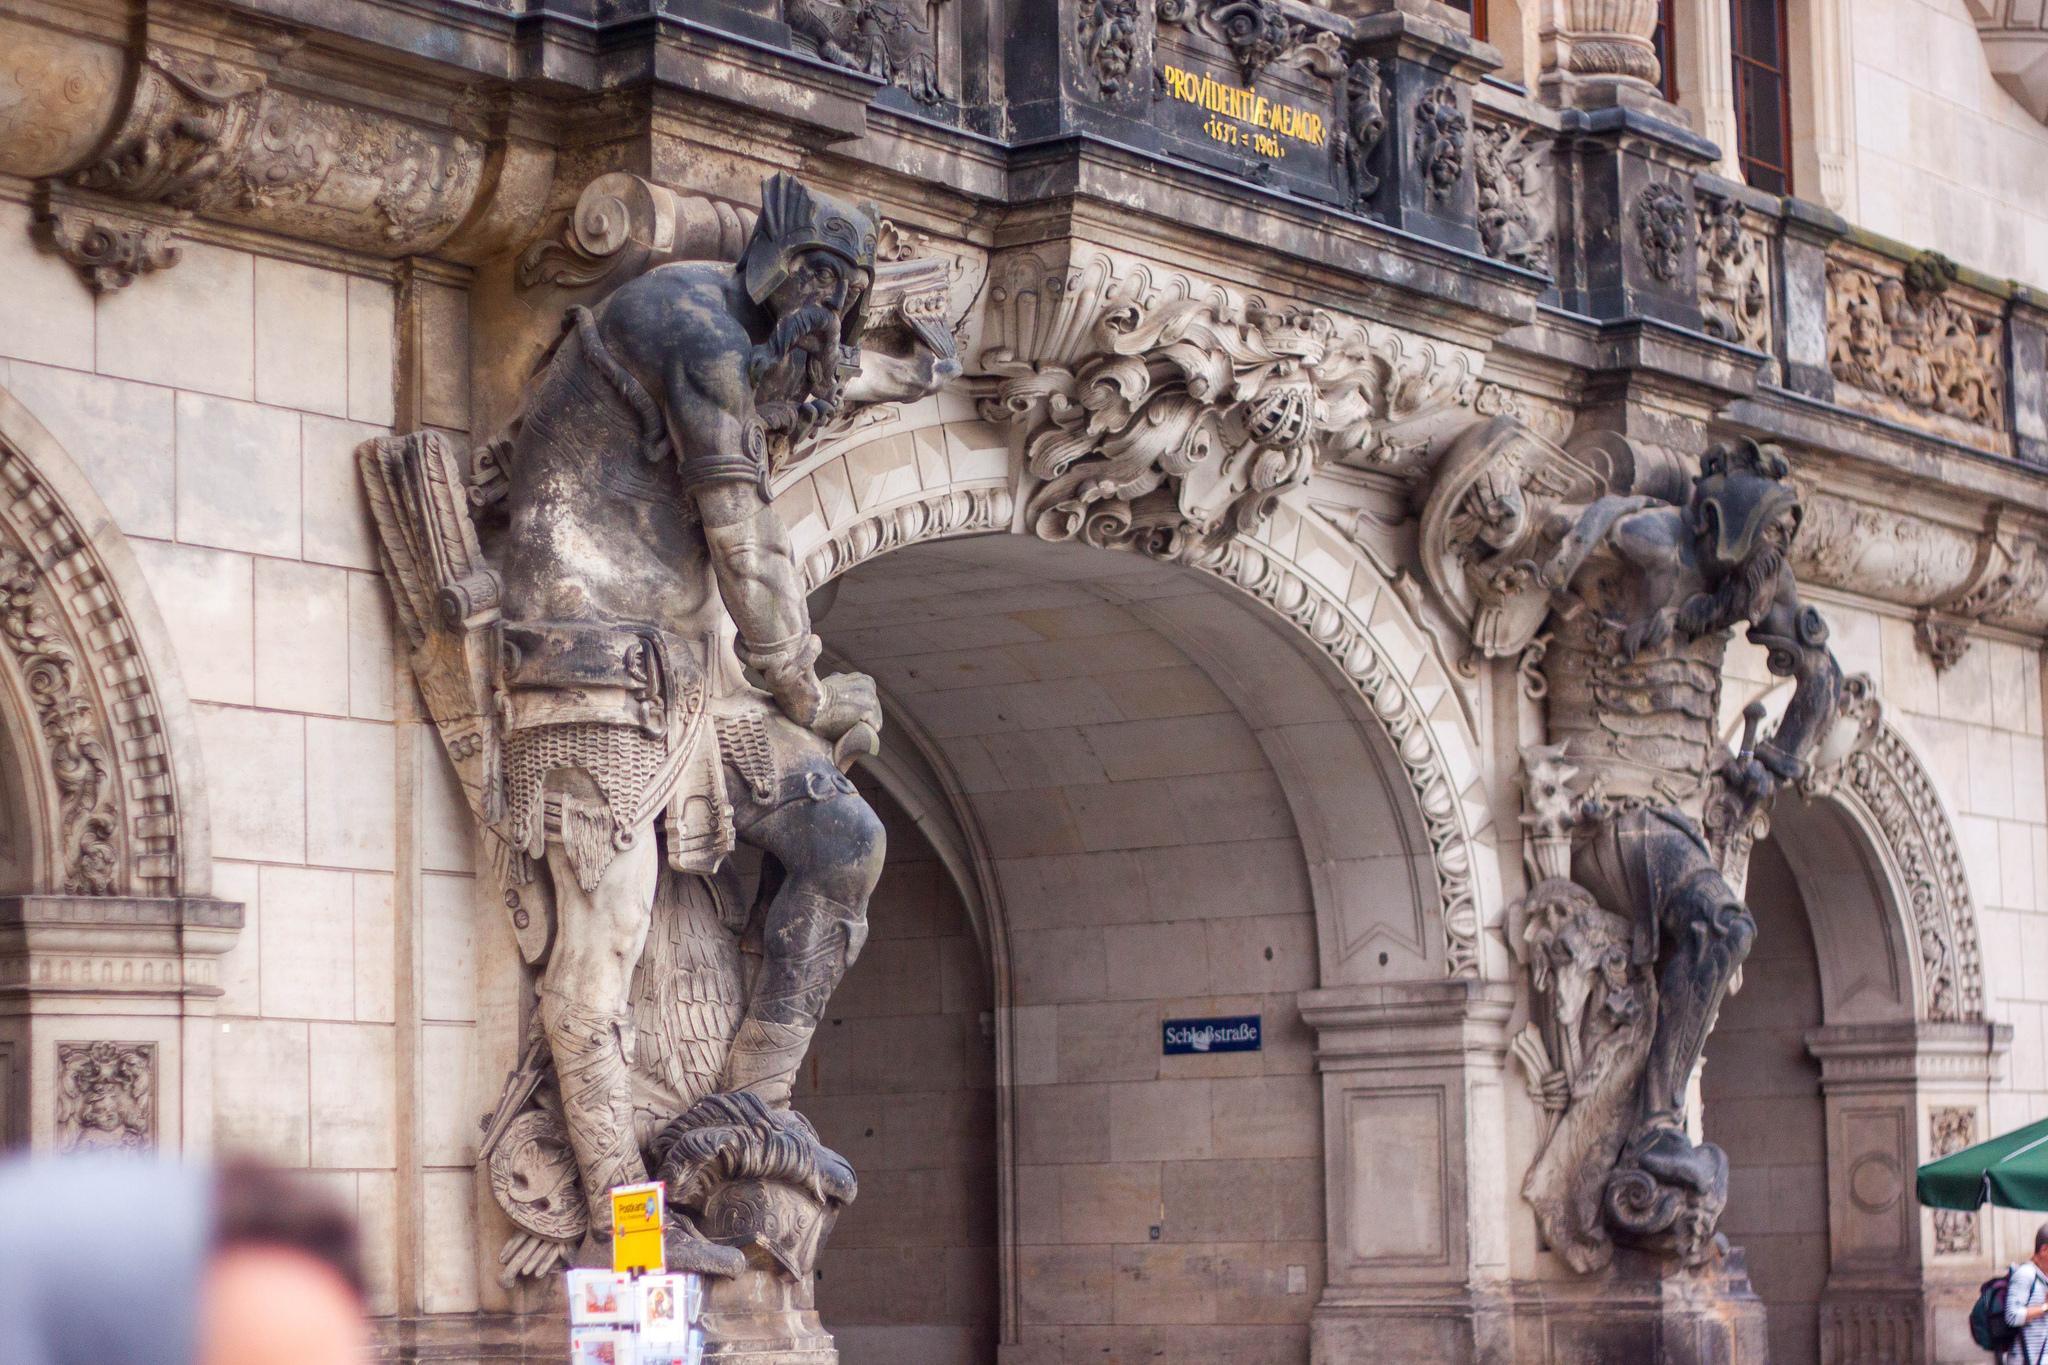 Exploring Dresden's Scholssplatz